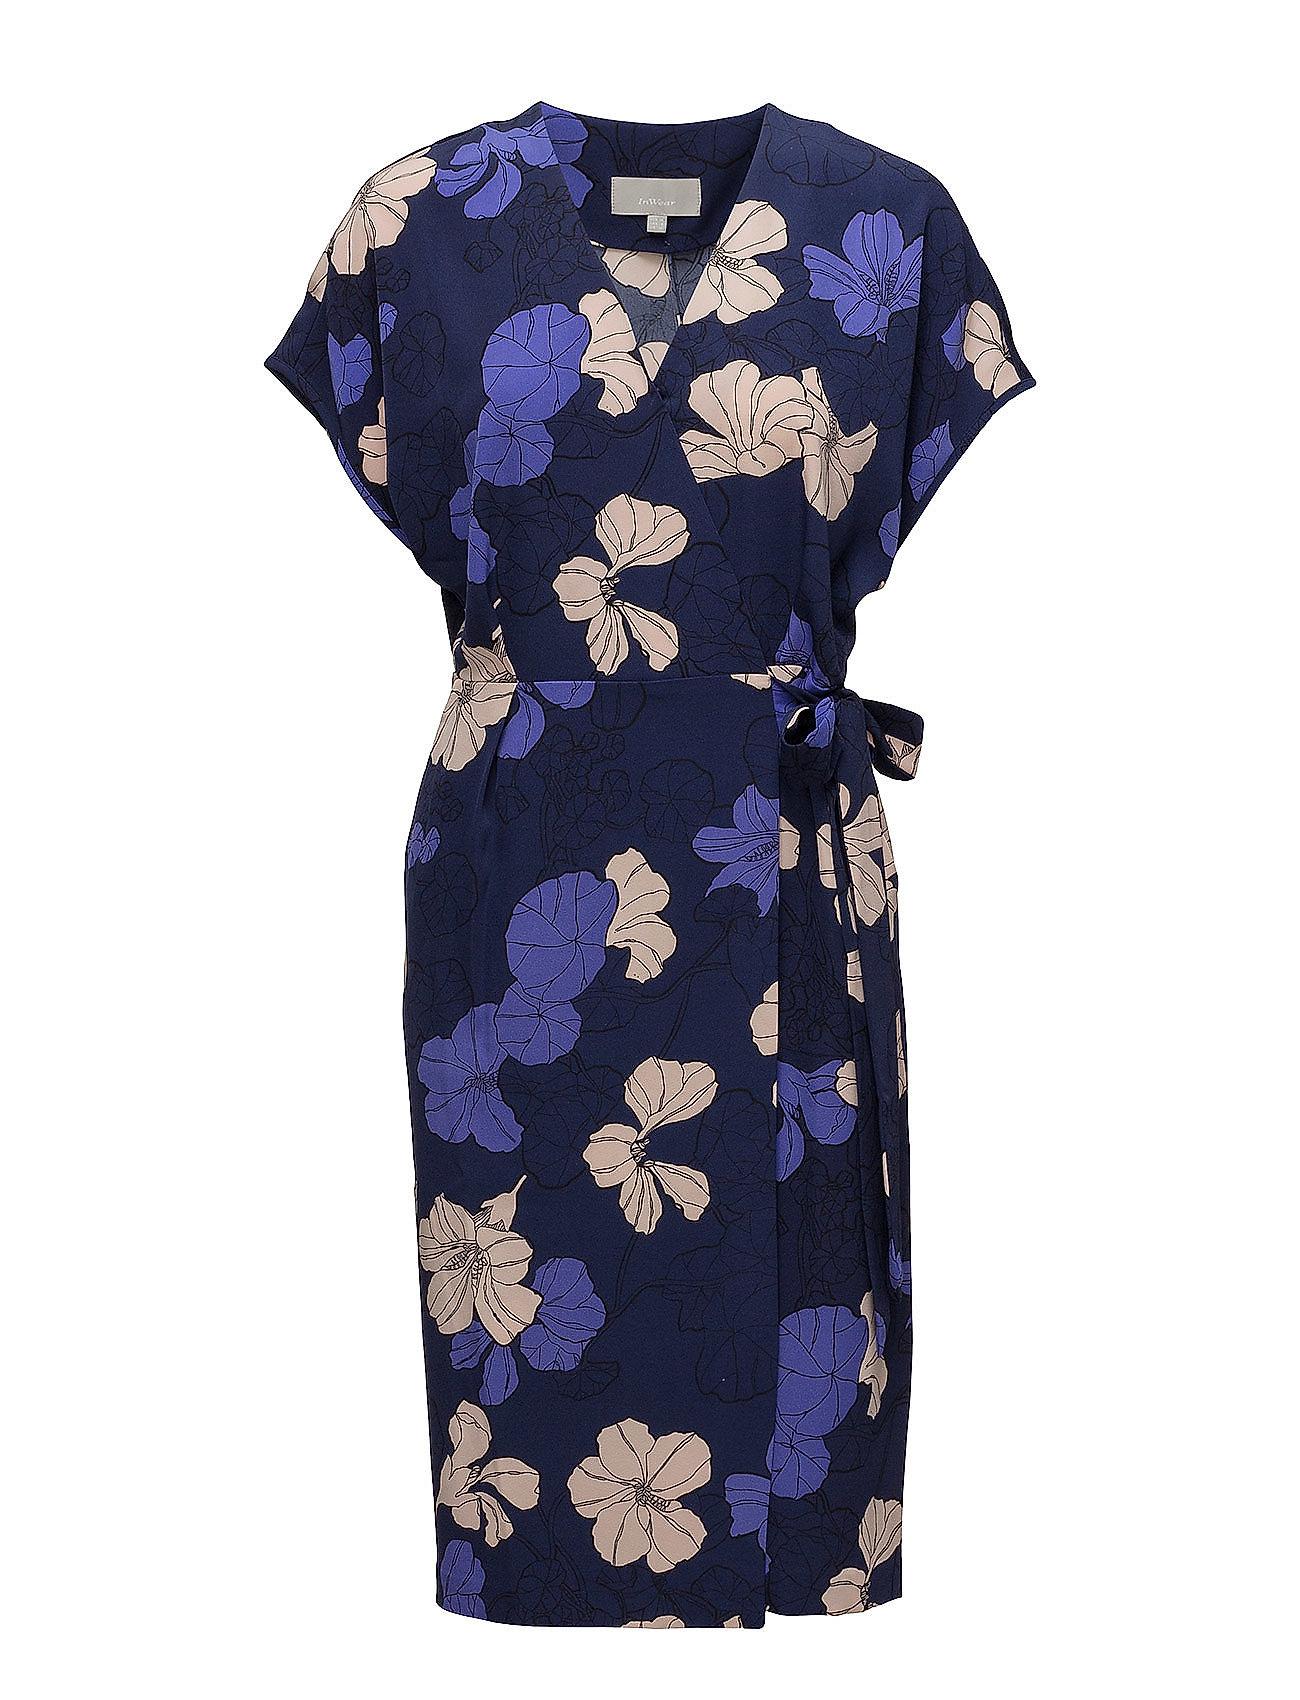 Image of Begona Dress Lw (3072753399)